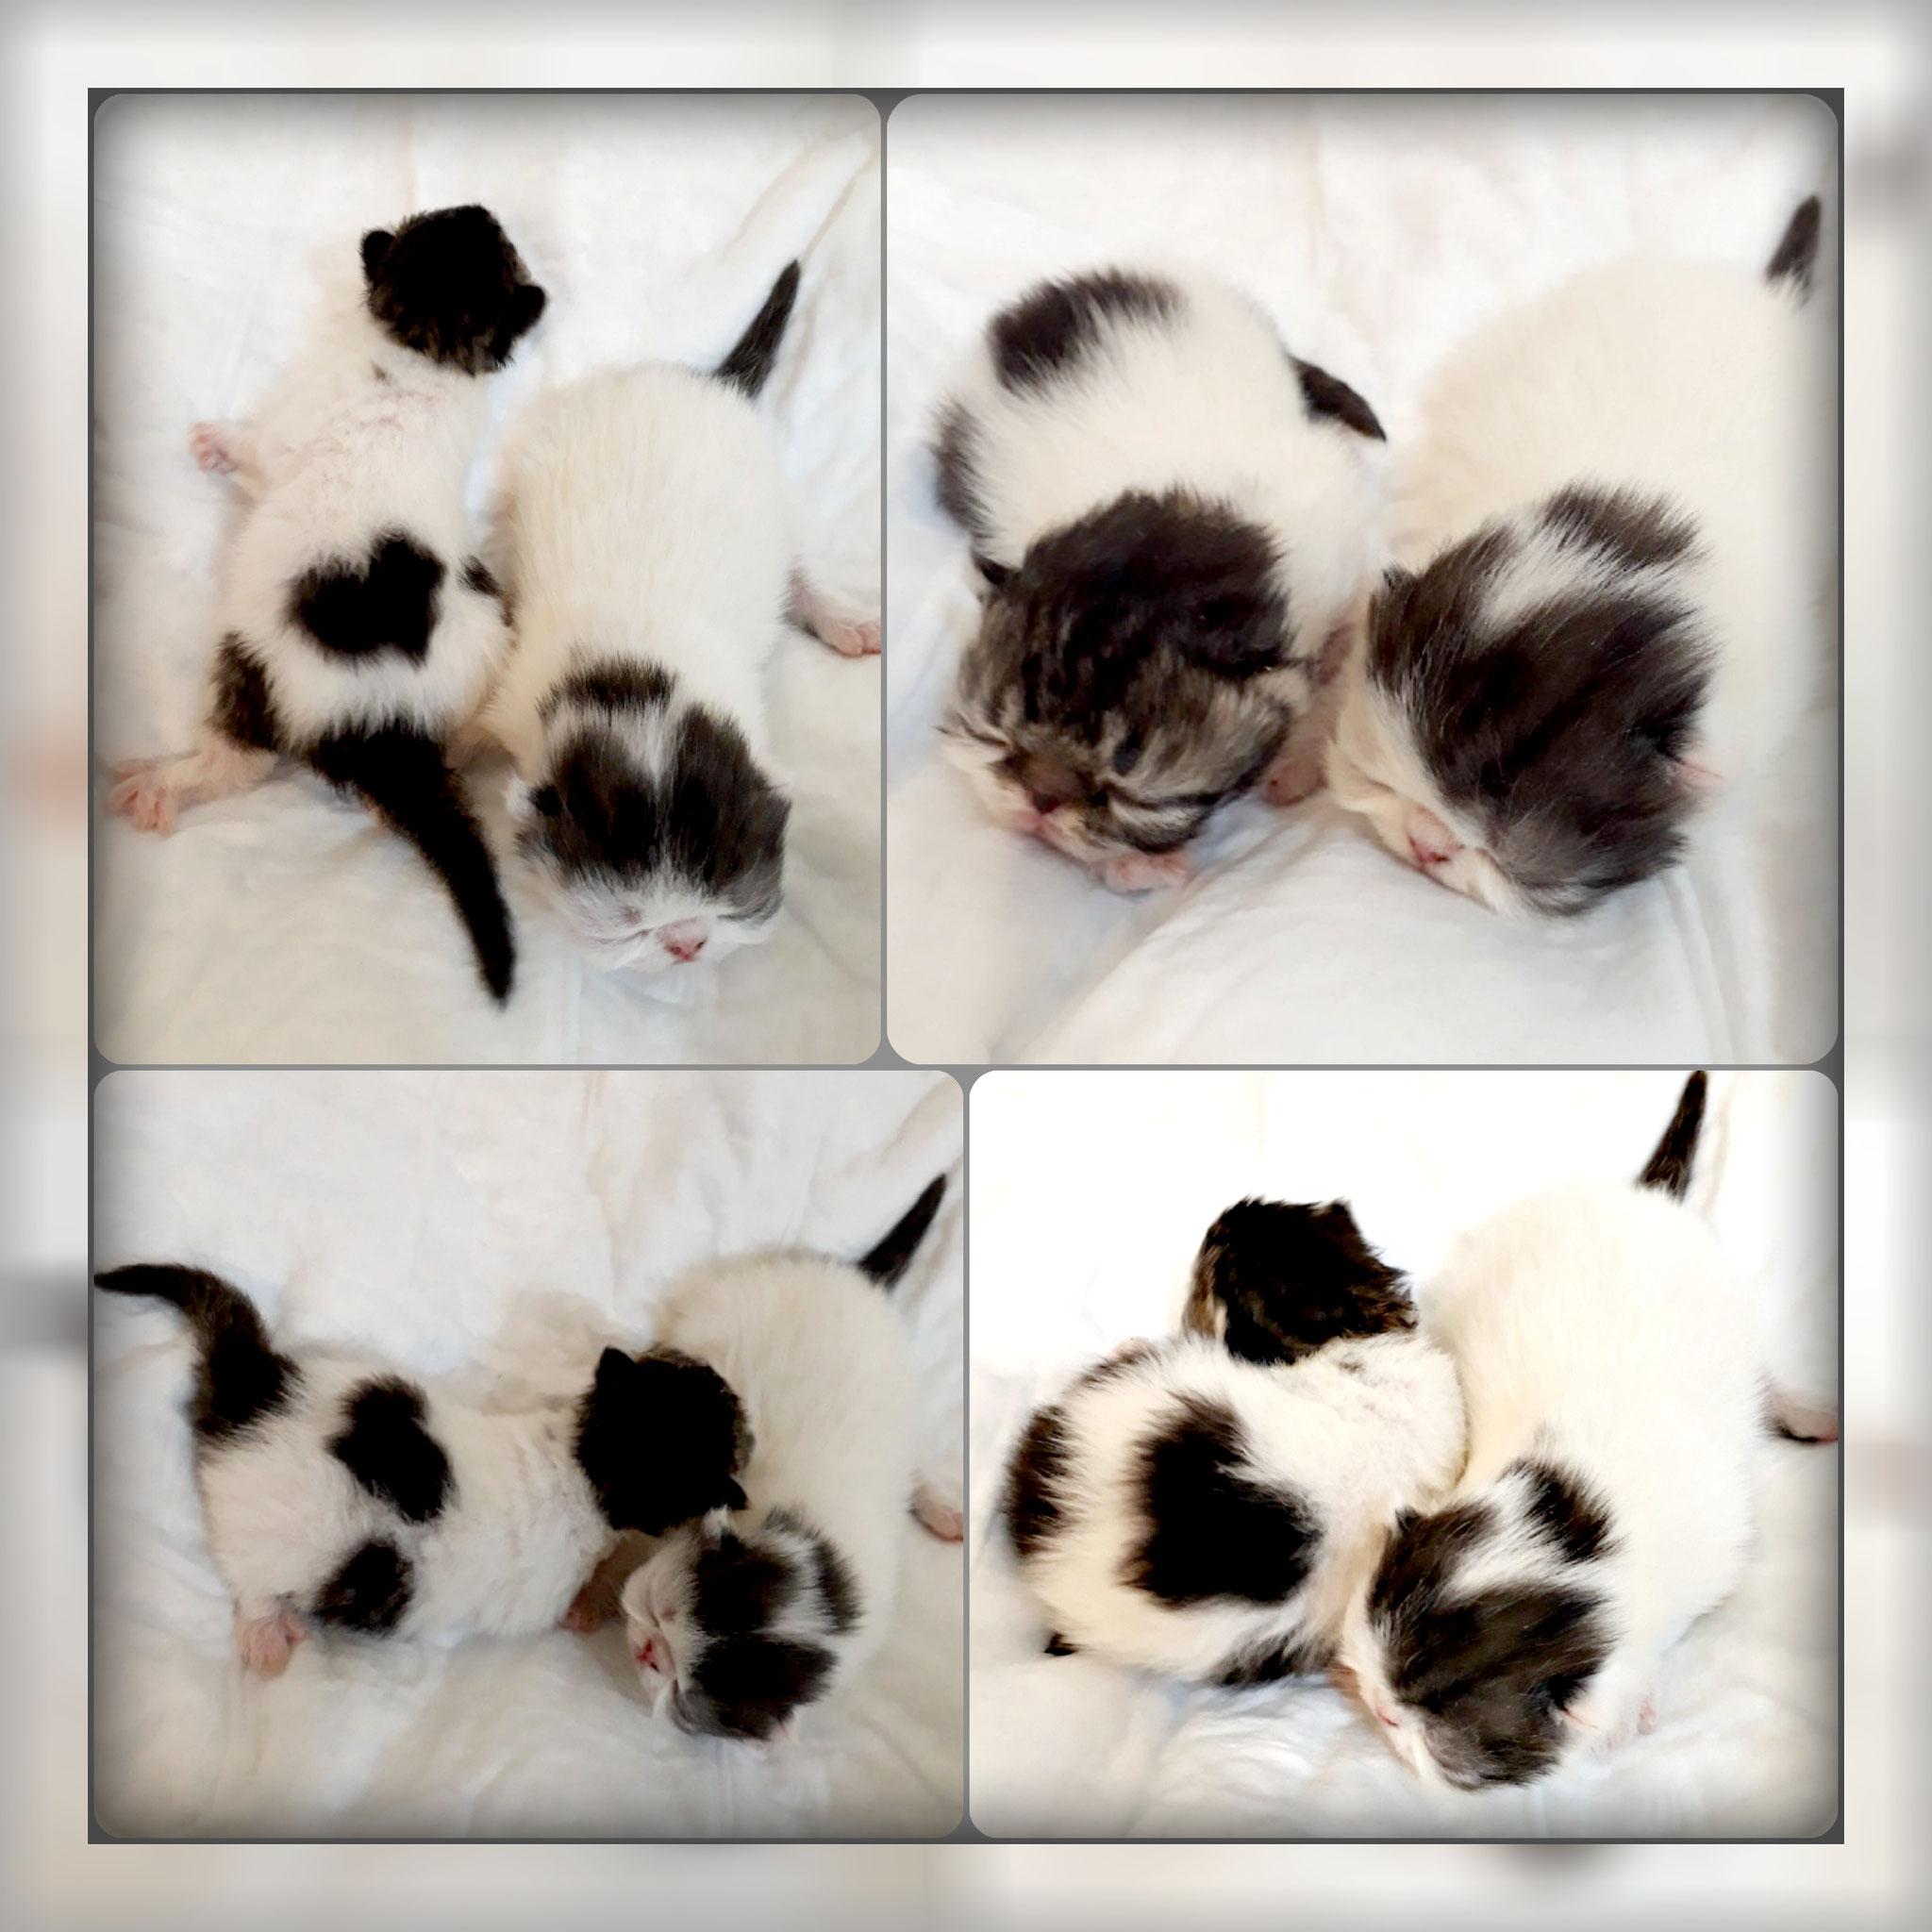 18/04/19 Два котика фото еще слепых.